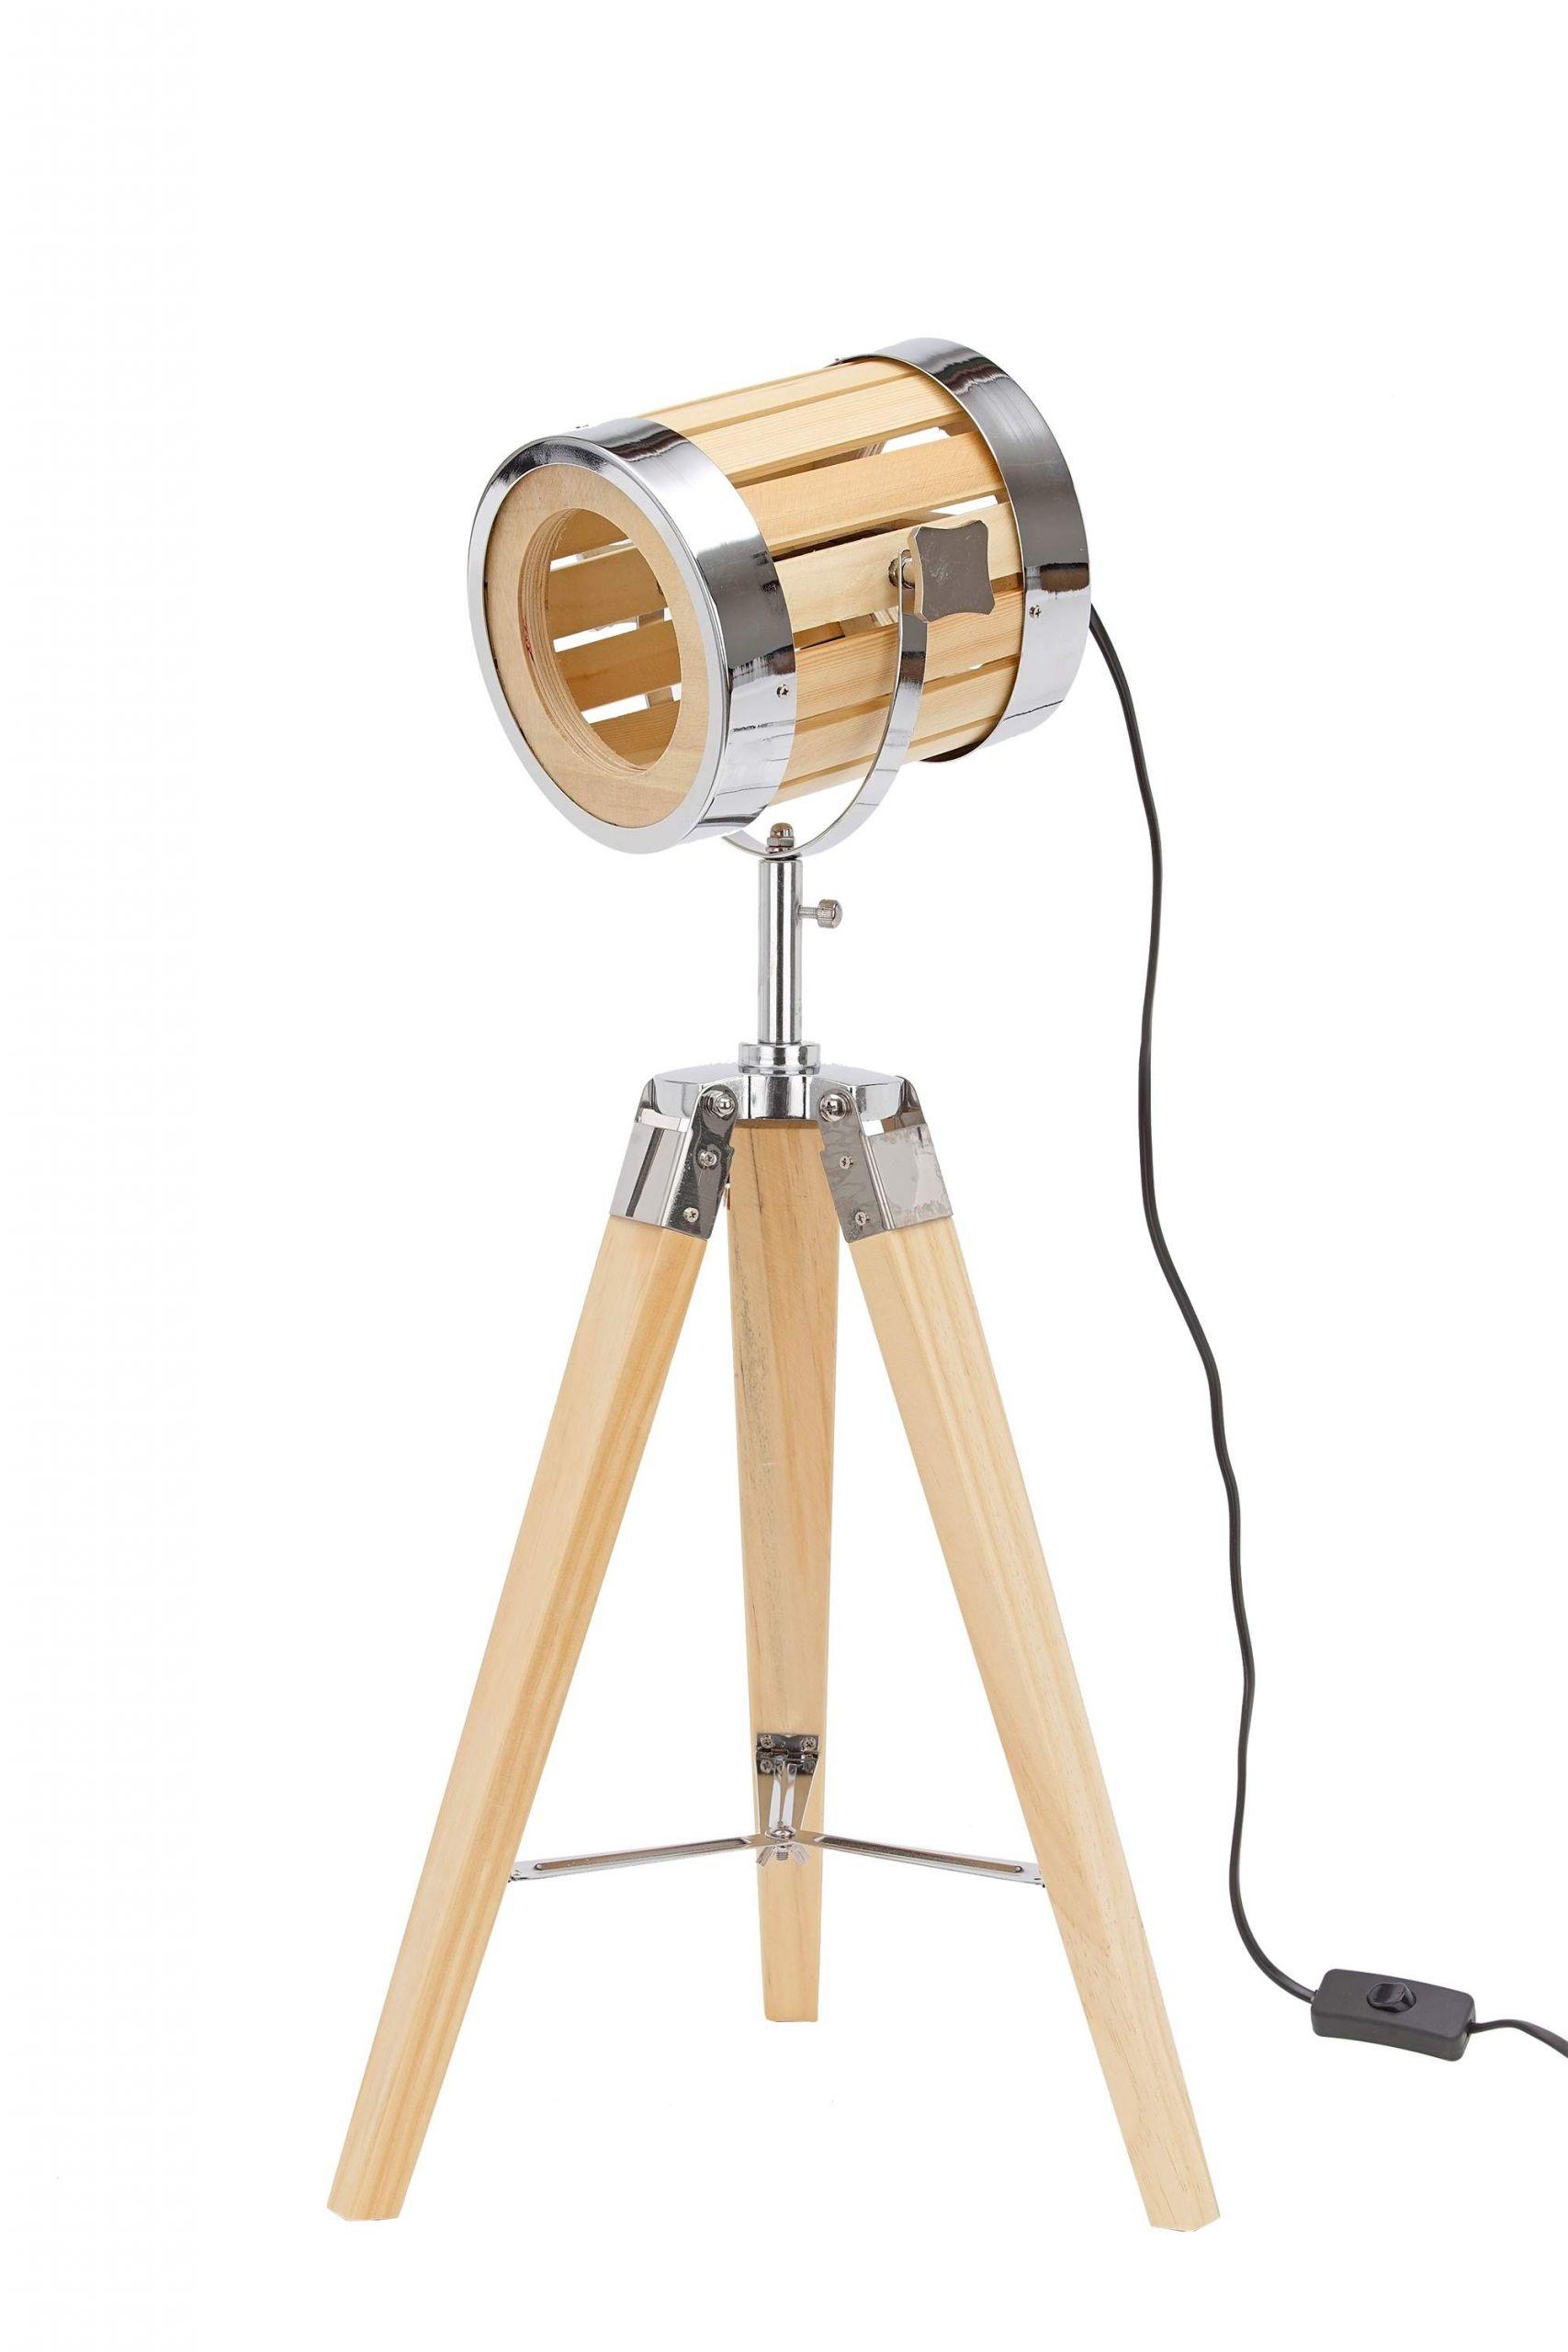 Stehleuchte Garten Das Beste Von Stehlampe Aus Holz Stativbeine Aus Holz Industrial Design 65 Cm Hoch